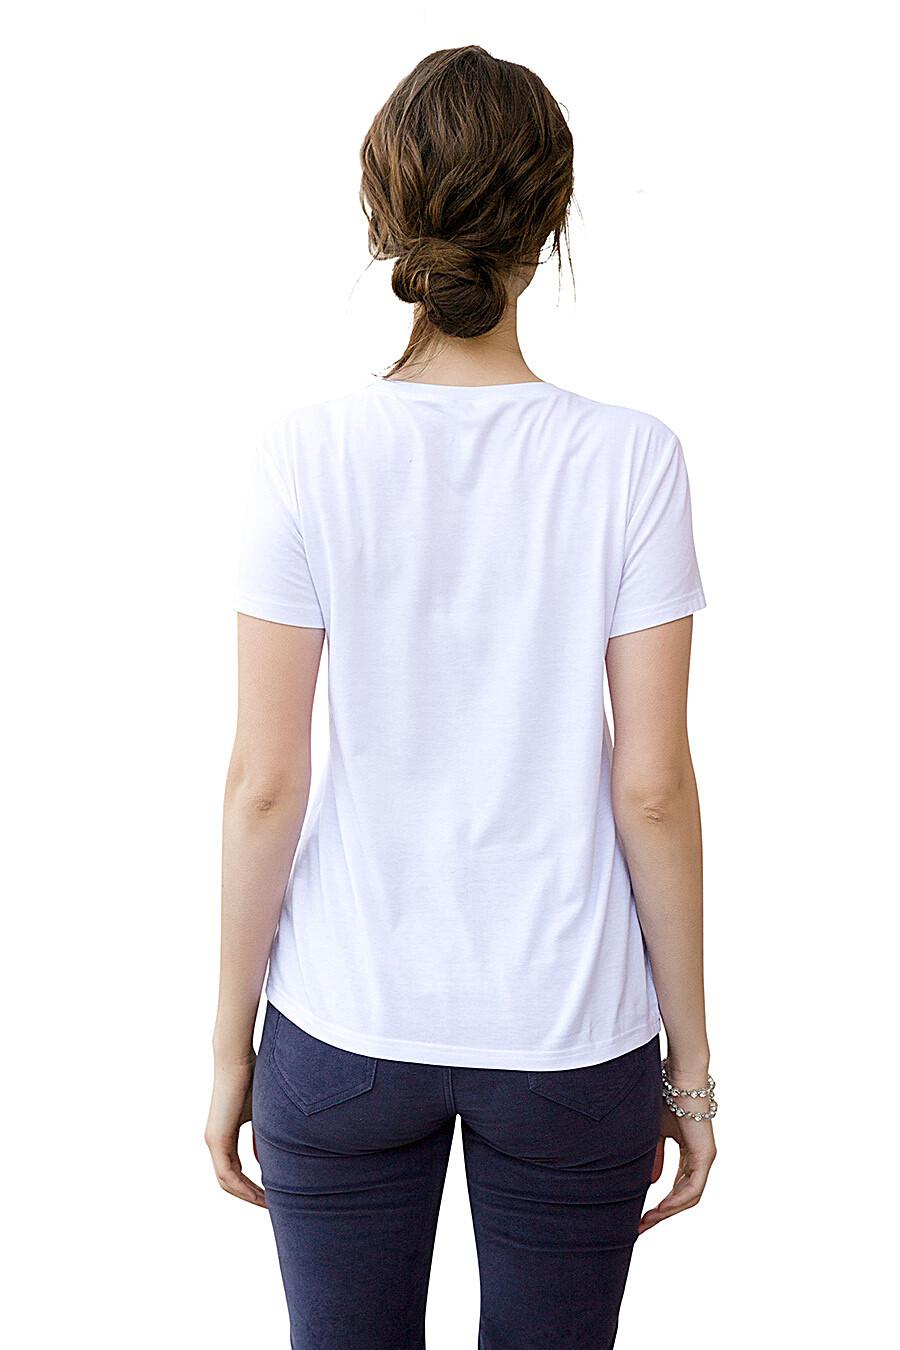 Футболка для женщин PELICAN 146729 купить оптом от производителя. Совместная покупка женской одежды в OptMoyo